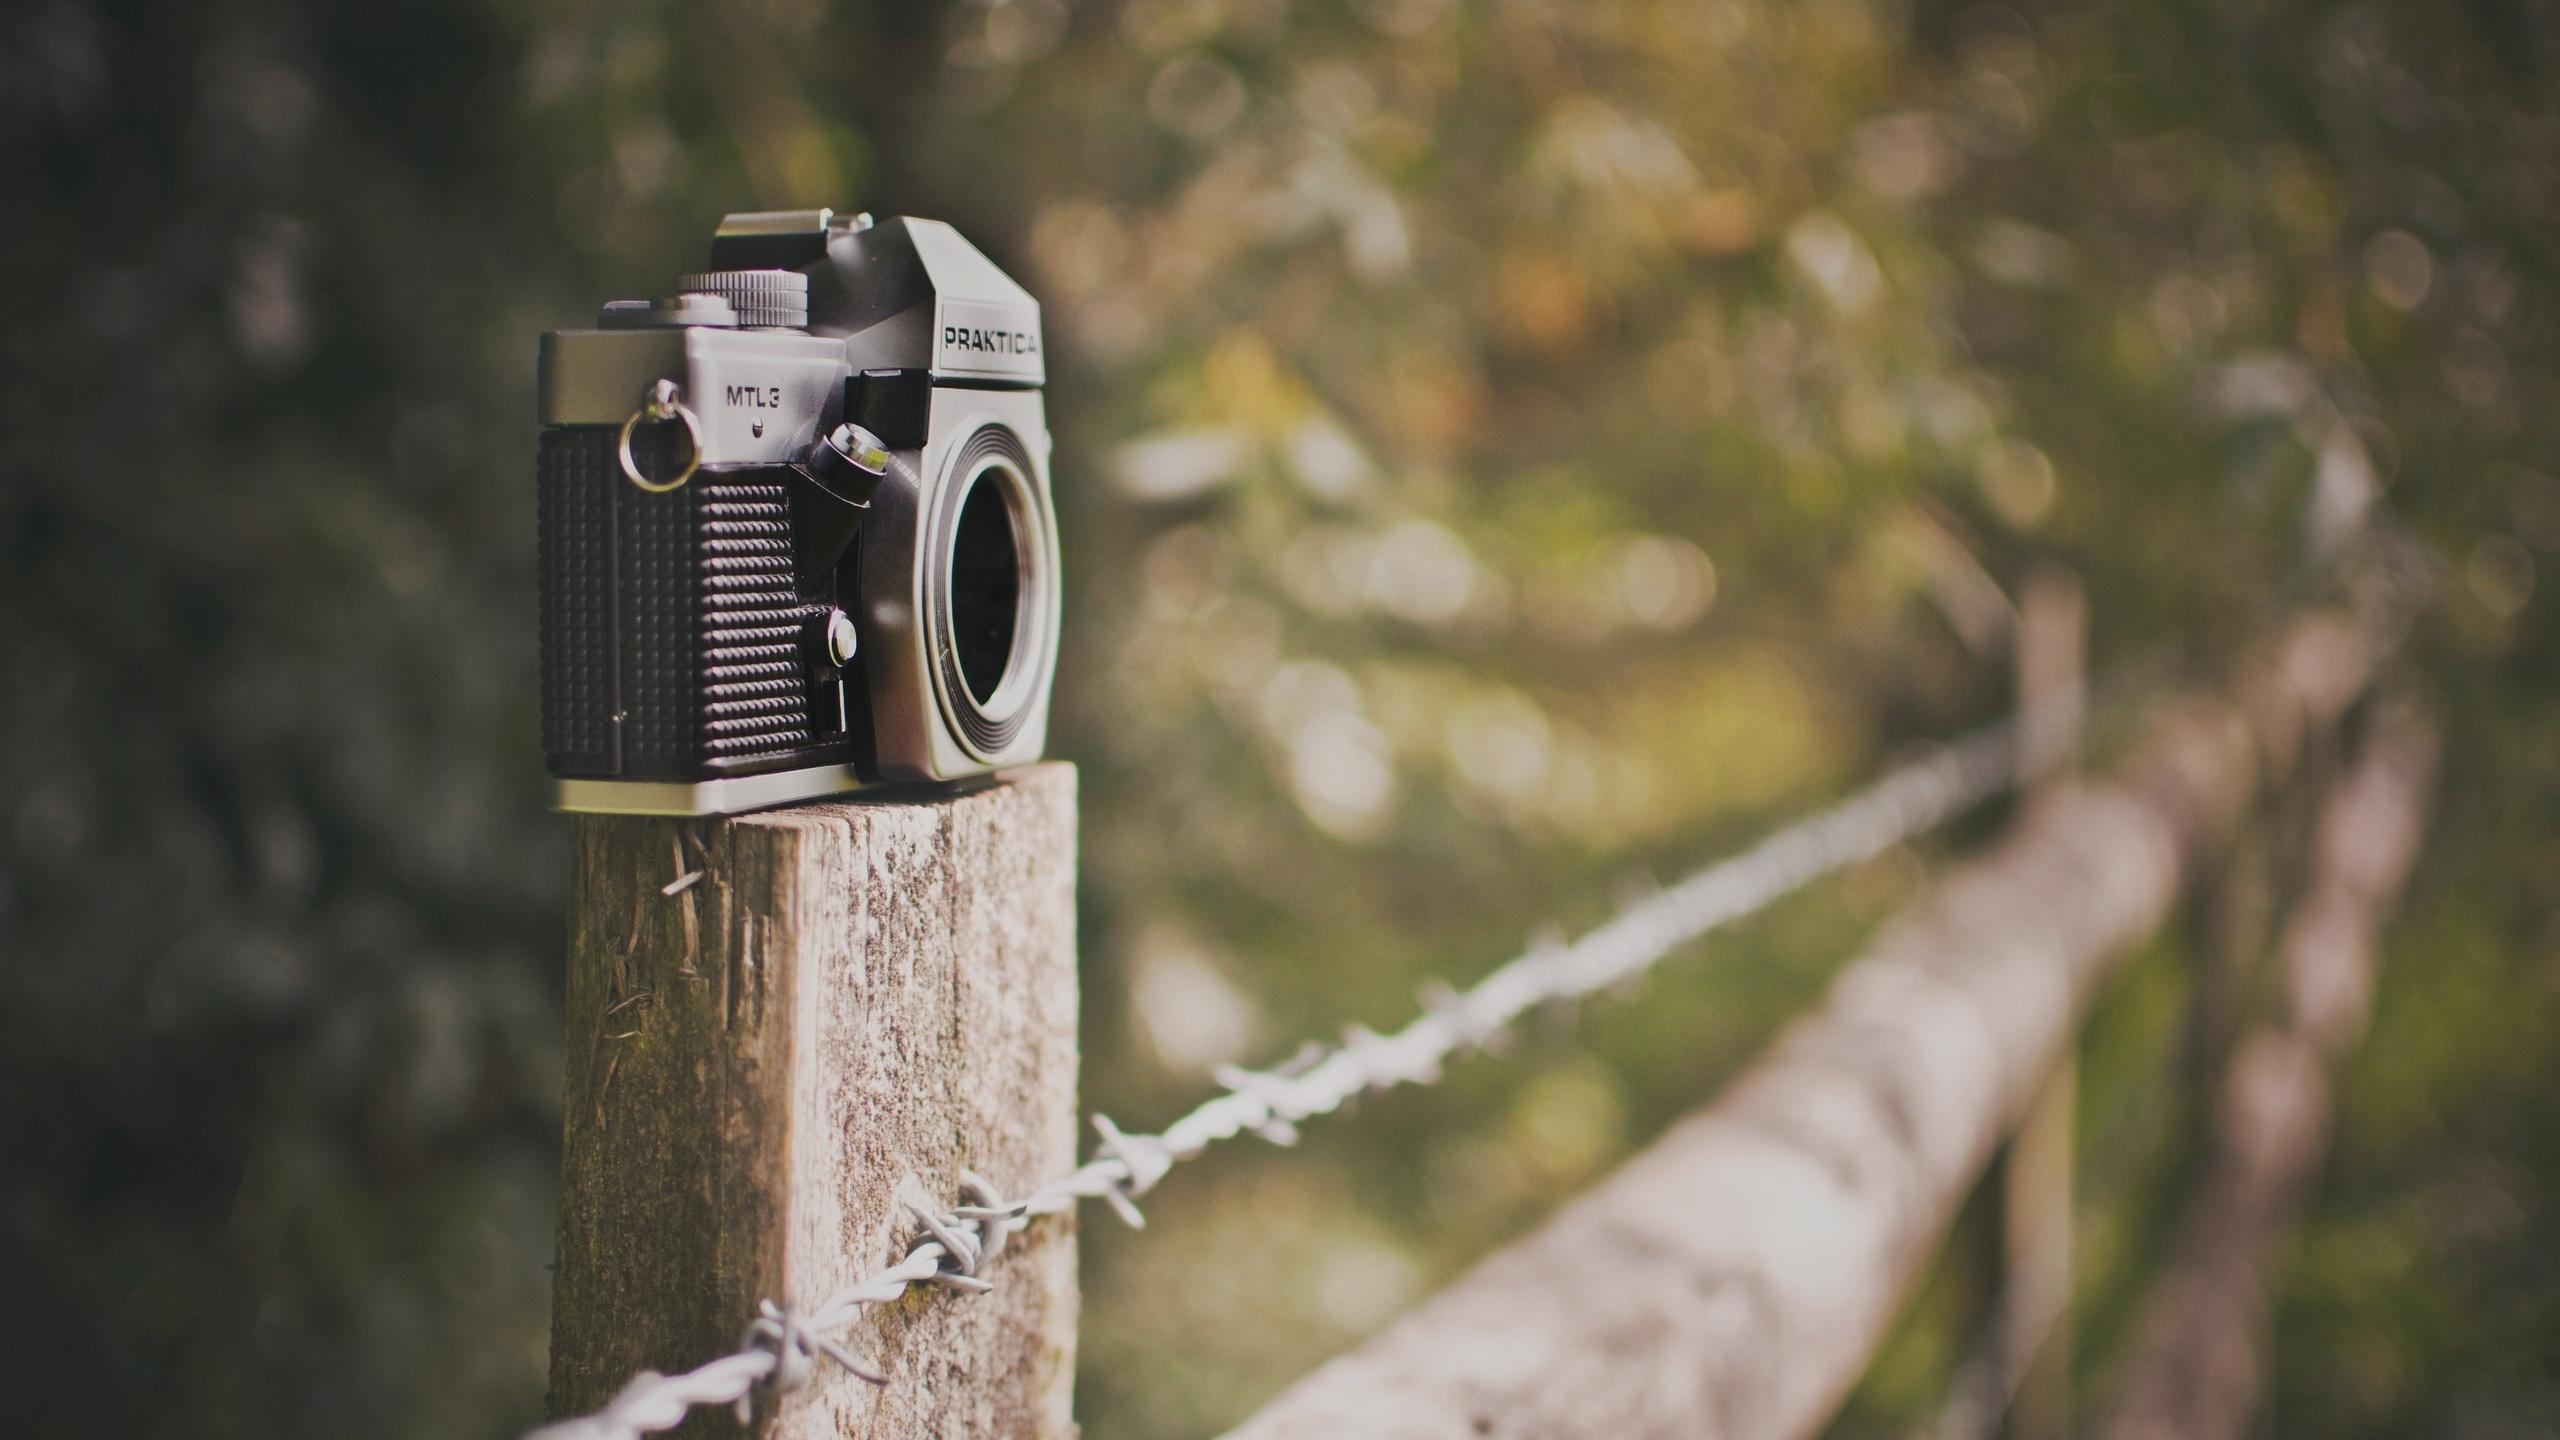 фотоаппарат, фото, креатив, цифра, макро, природа